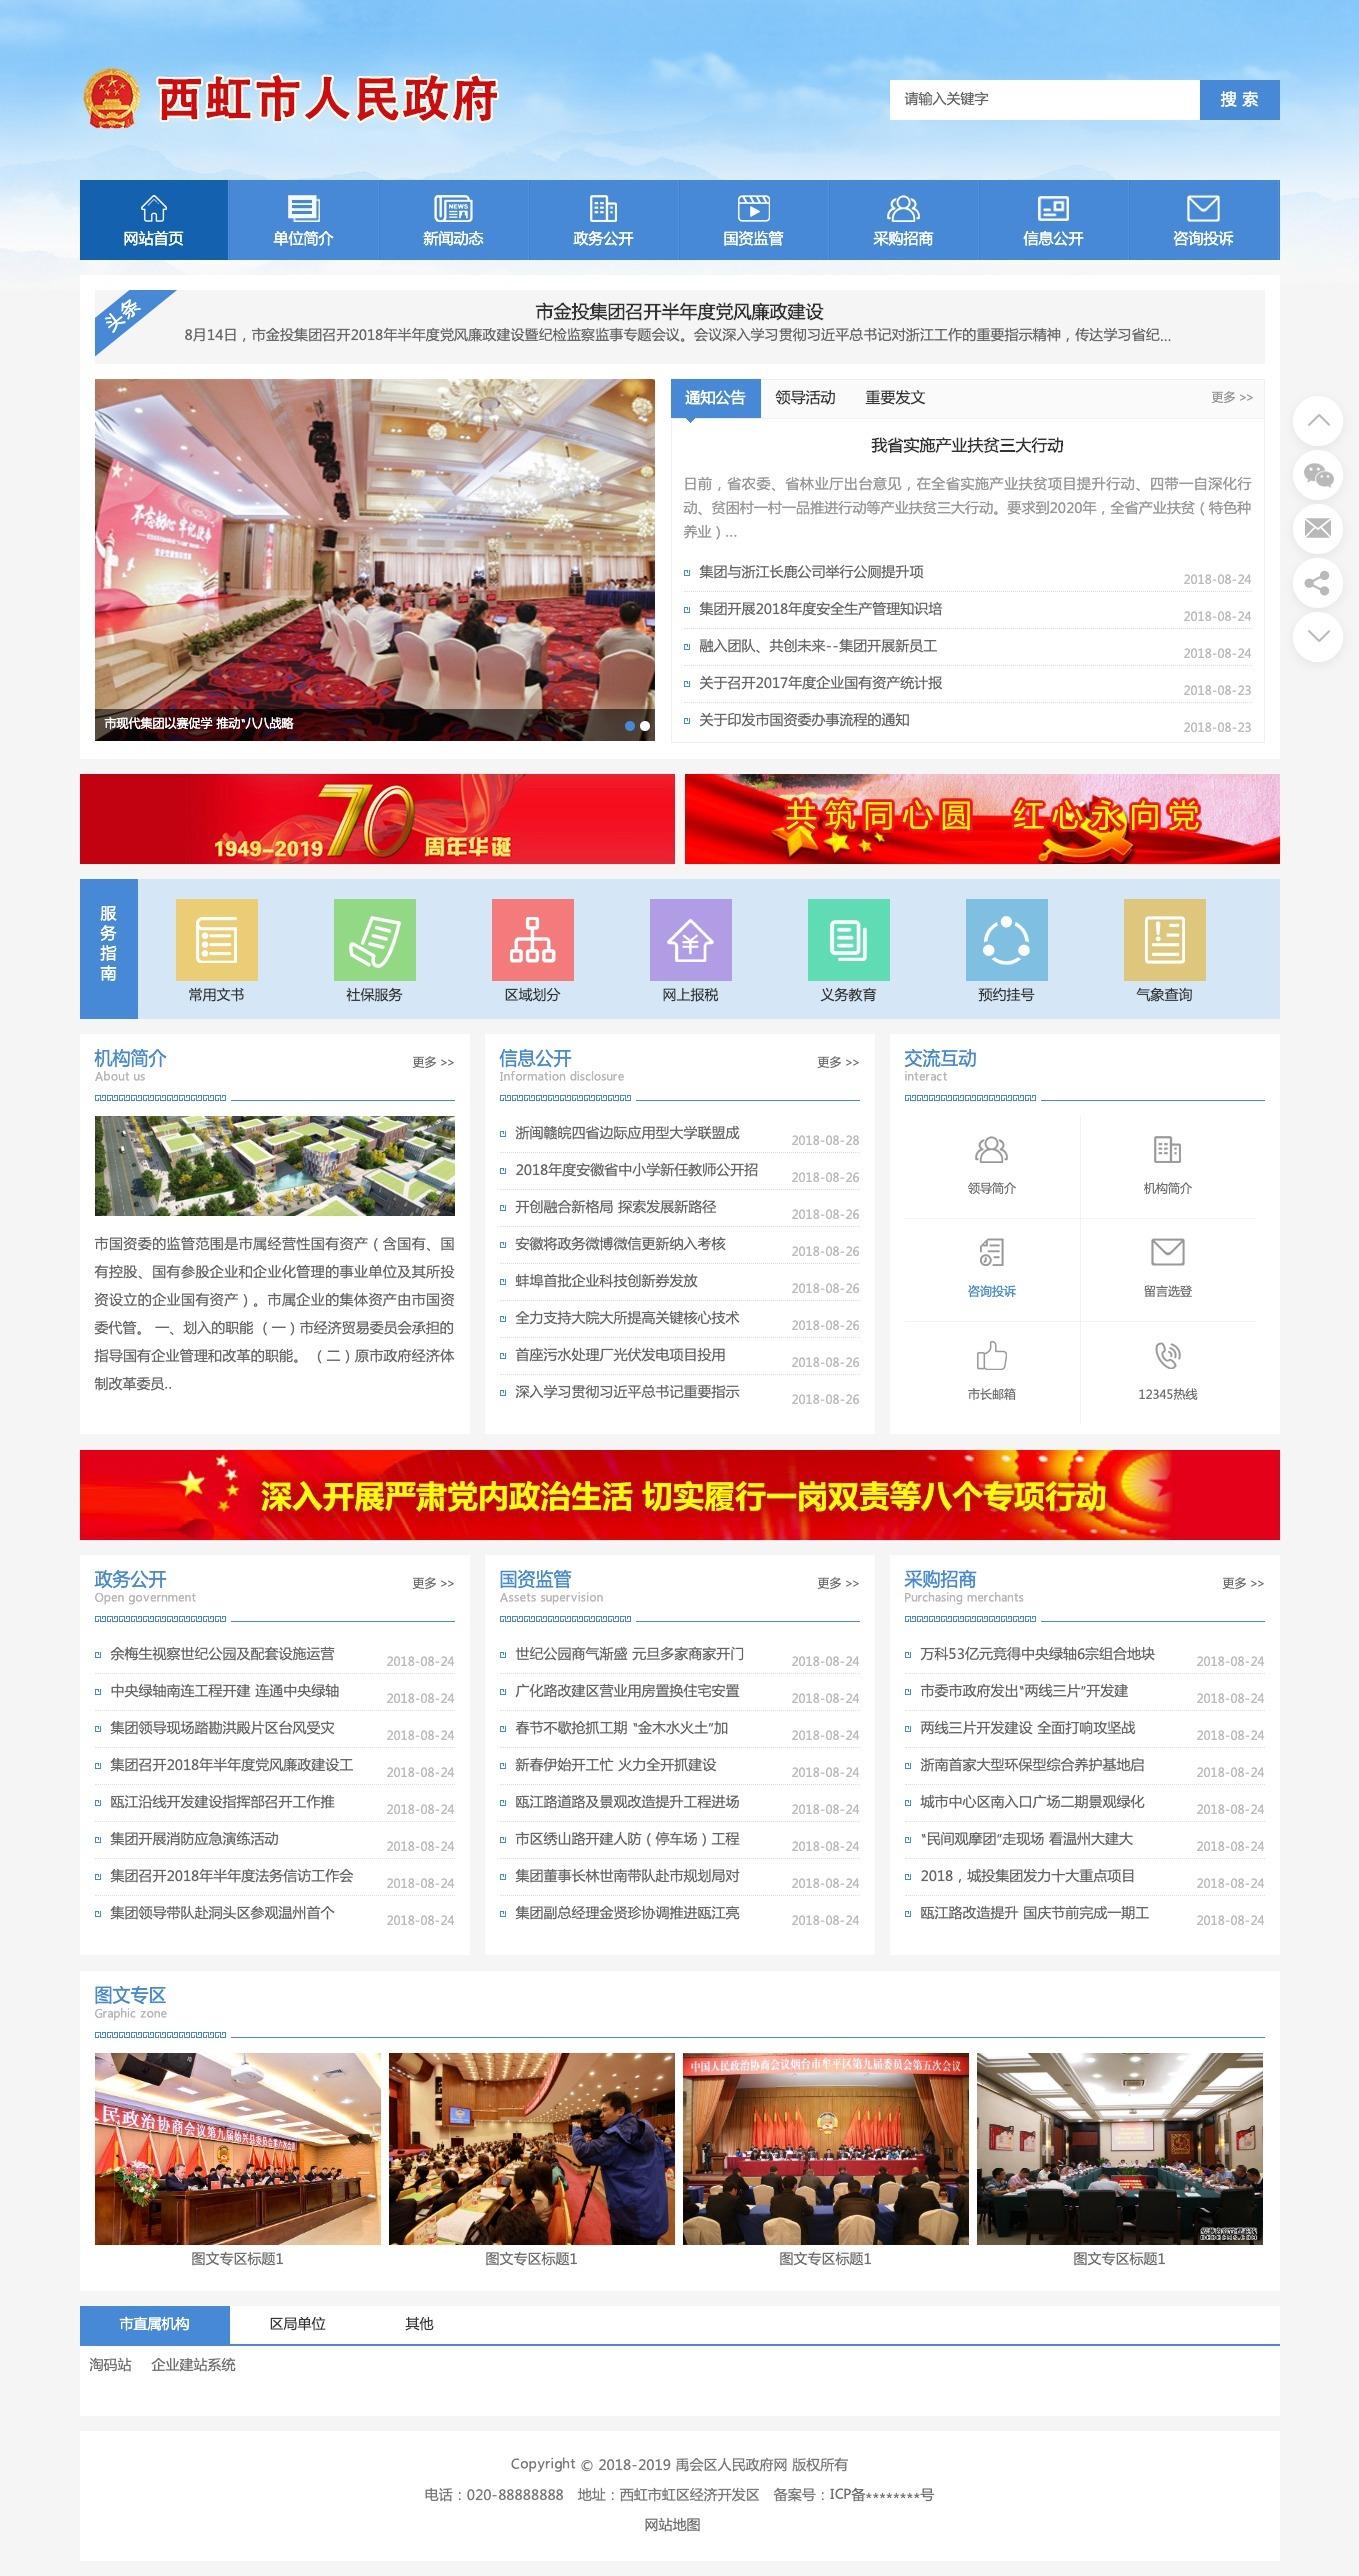 蓝色政府机构协会官方网站pc+手机